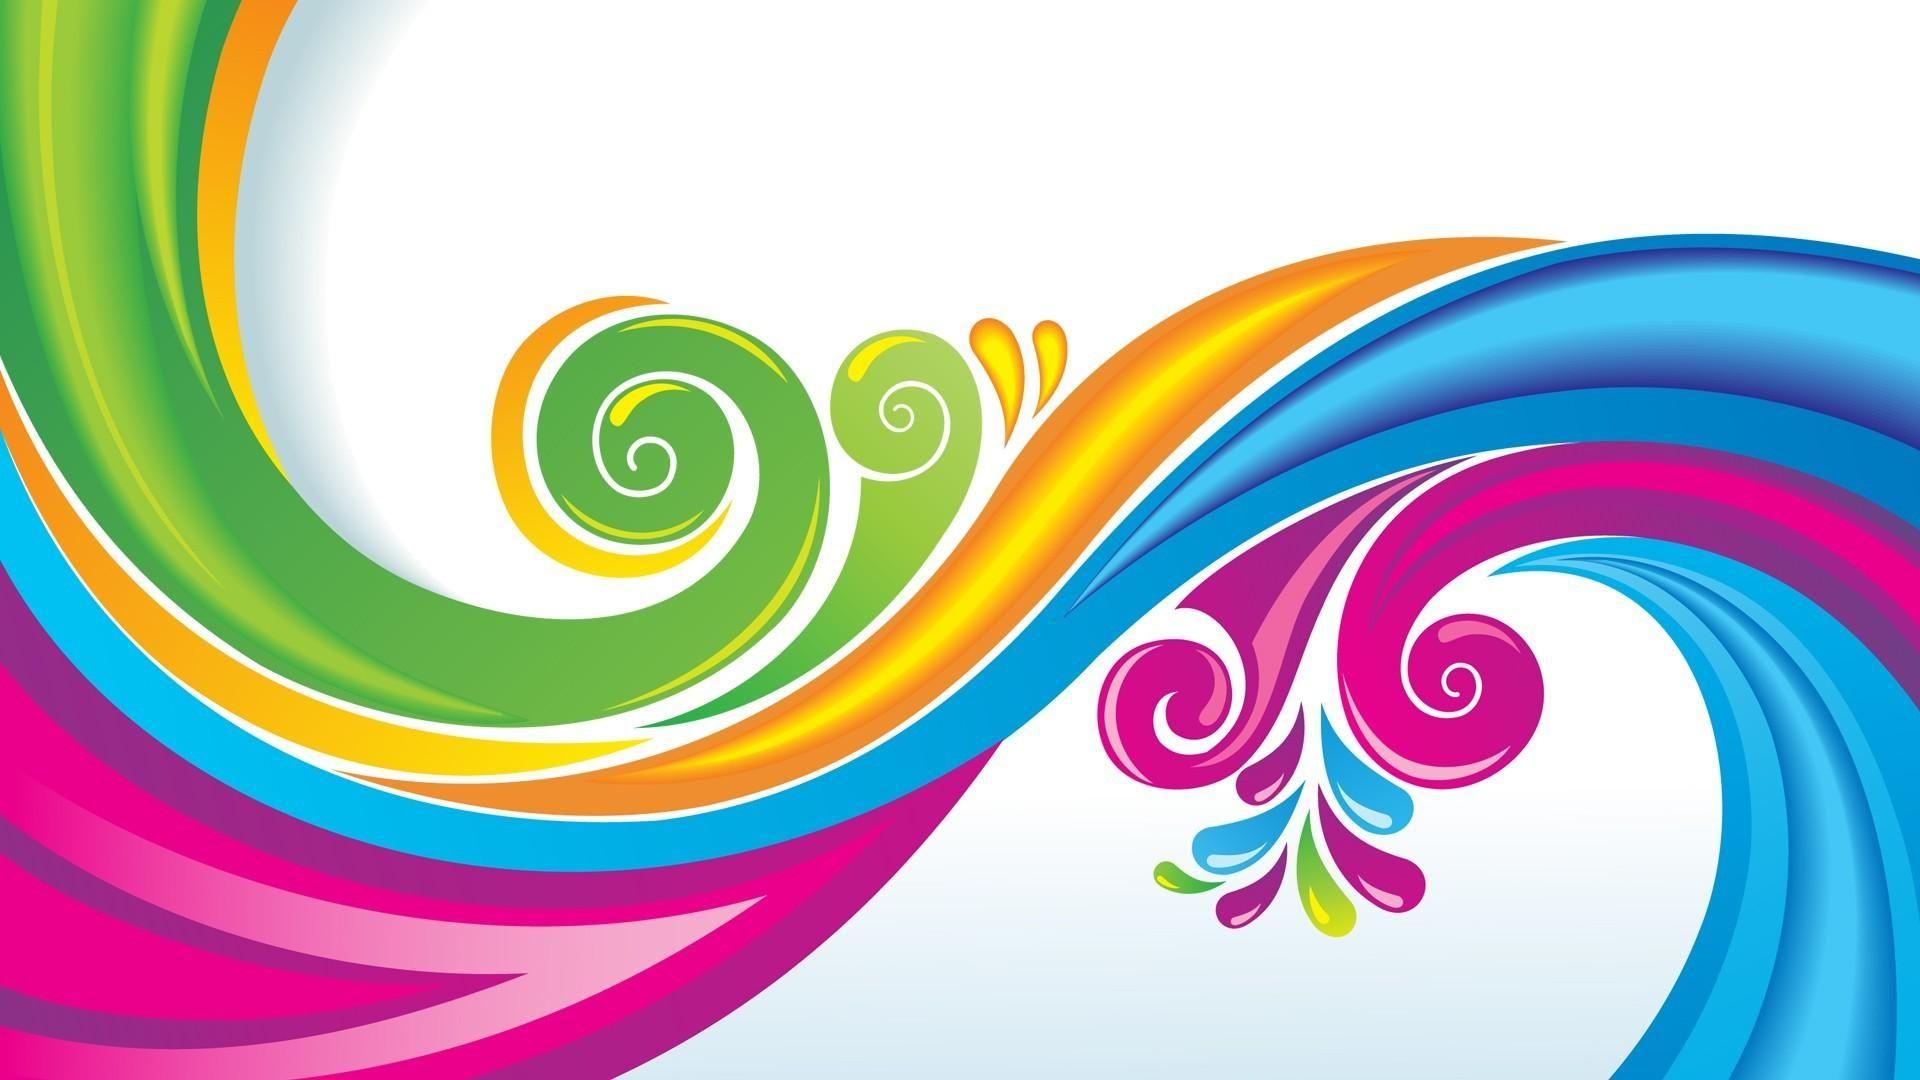 Vector Art desktop background